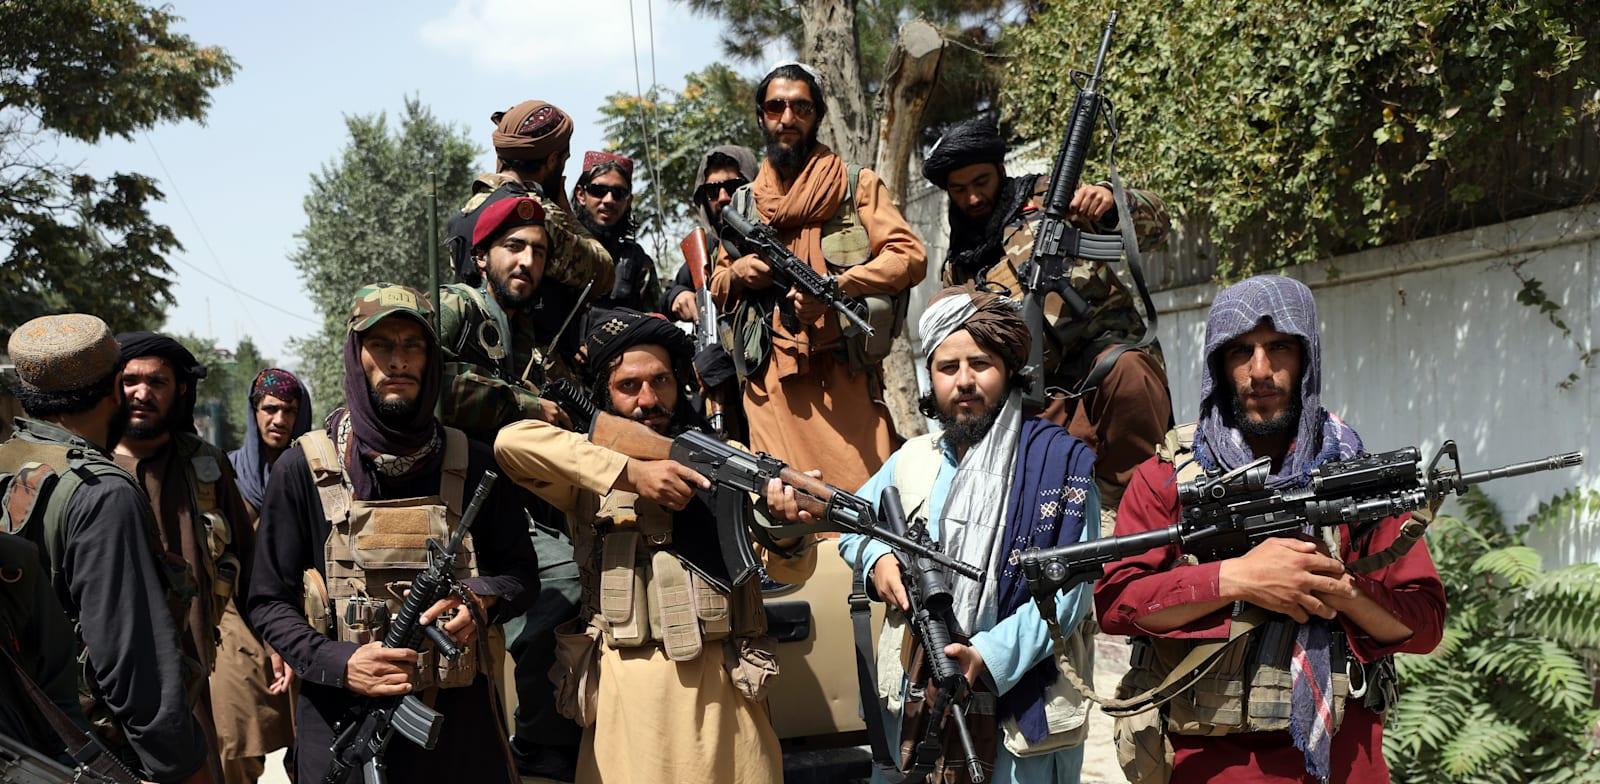 לוחמי הטליבאן בקאבול, אפגניסטן / צילום: Associated Press, Rahmat Gul